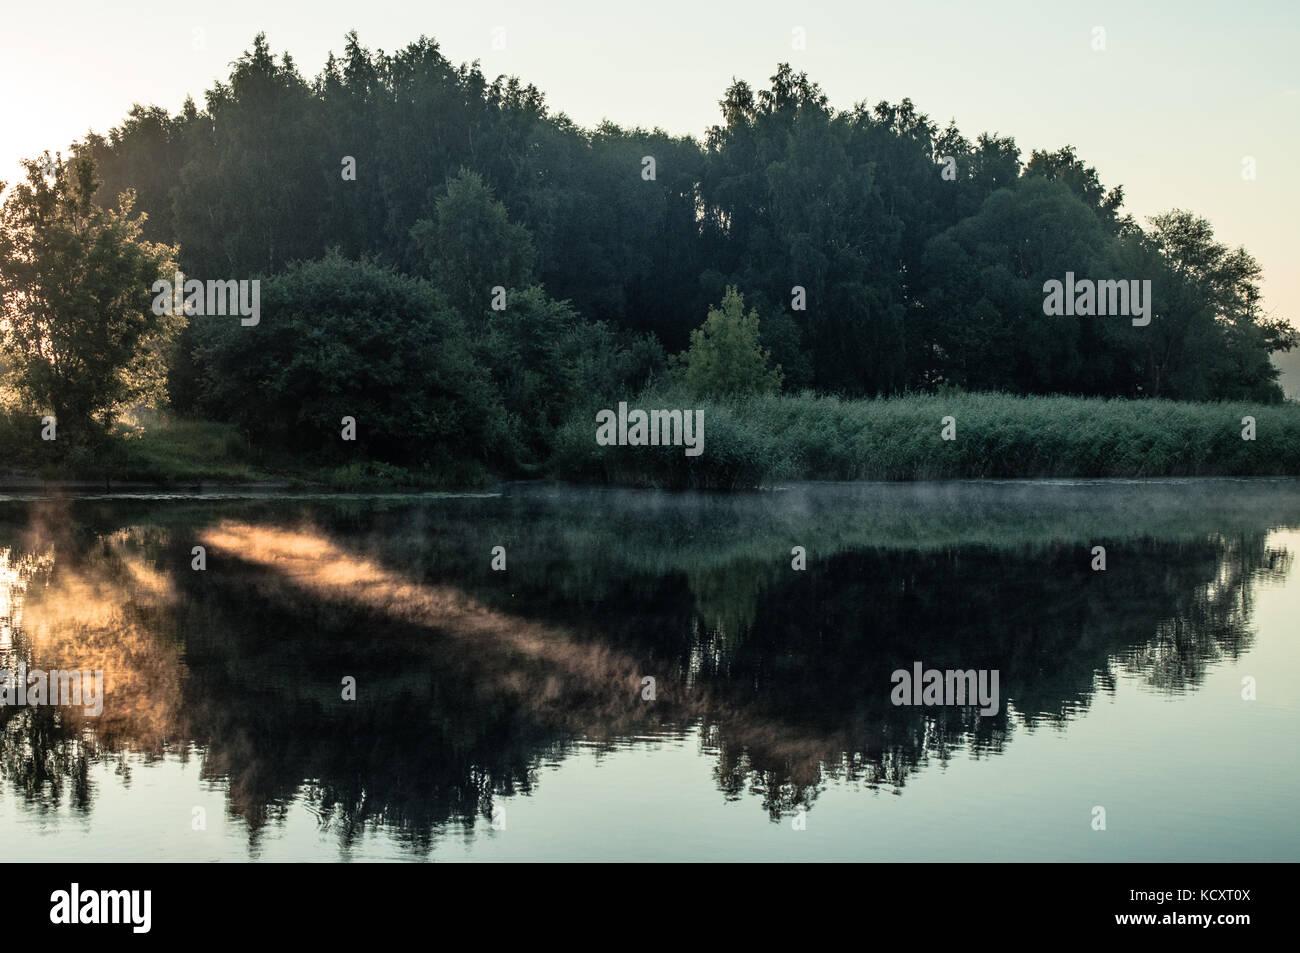 De beaux rayons de soleil la réflexion sur la surface des lacs. Banque D'Images